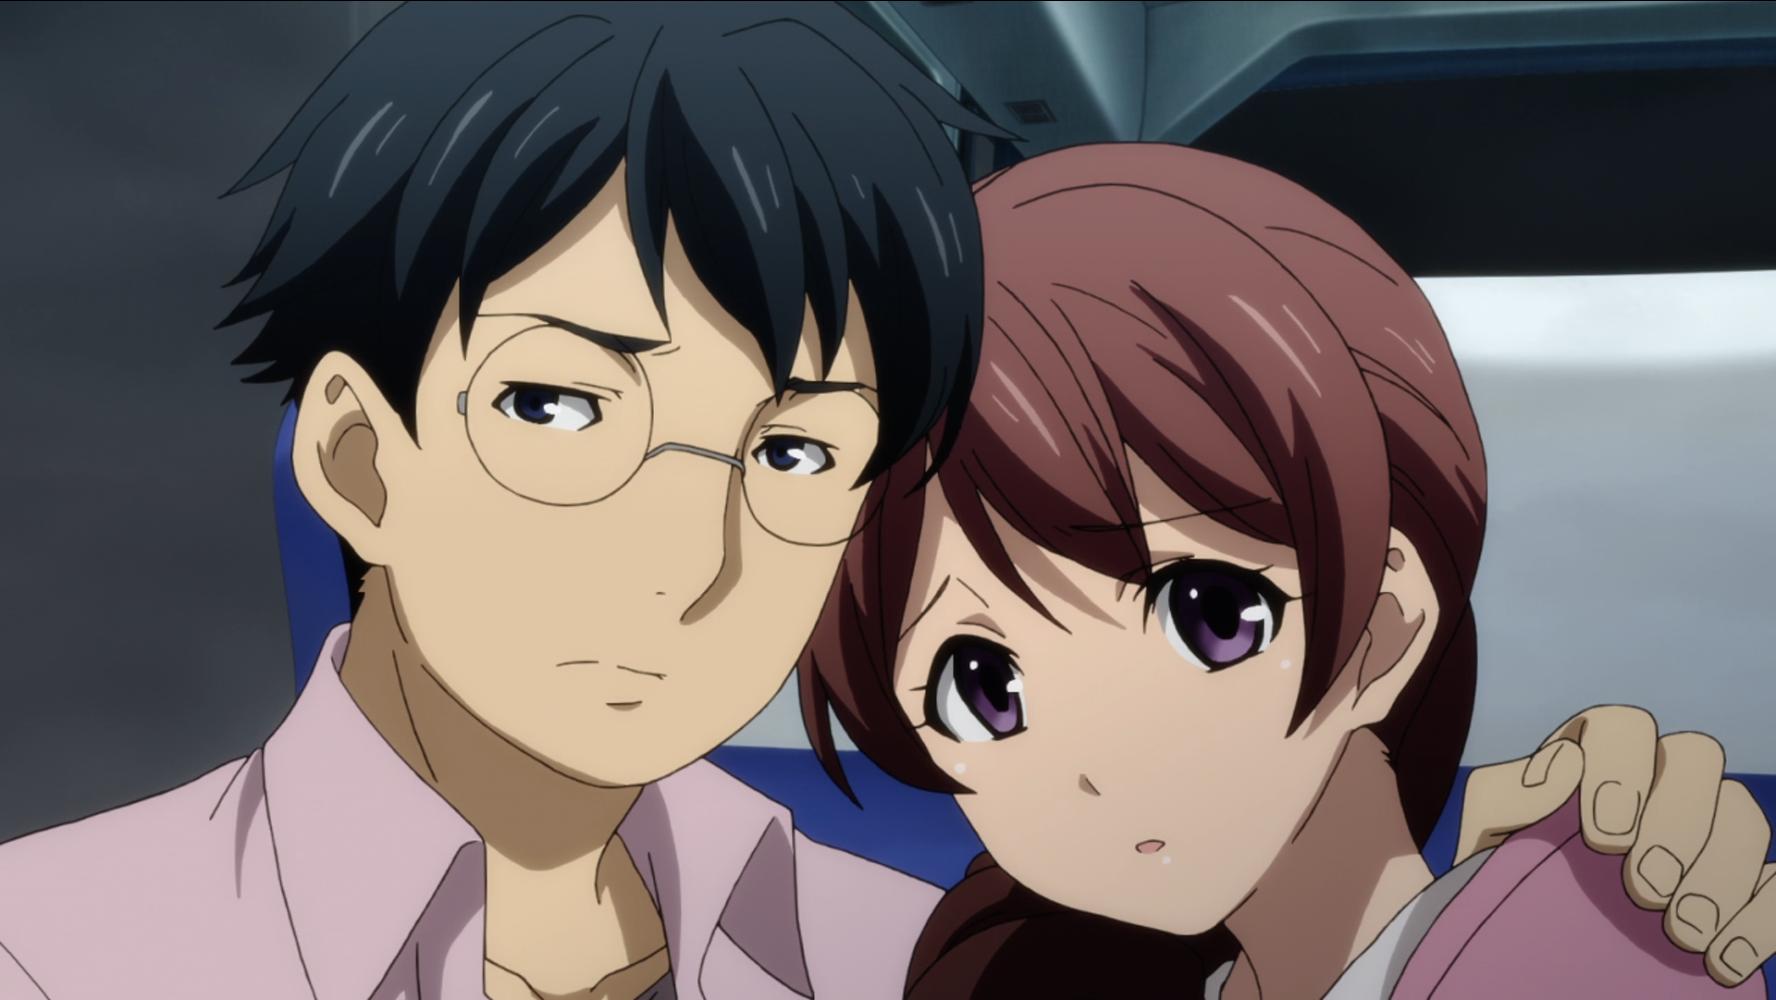 Manbe y Pii-tan se apiñan con nerviosa anticipación en una escena del anime televisivo The Lost Village de 2016.